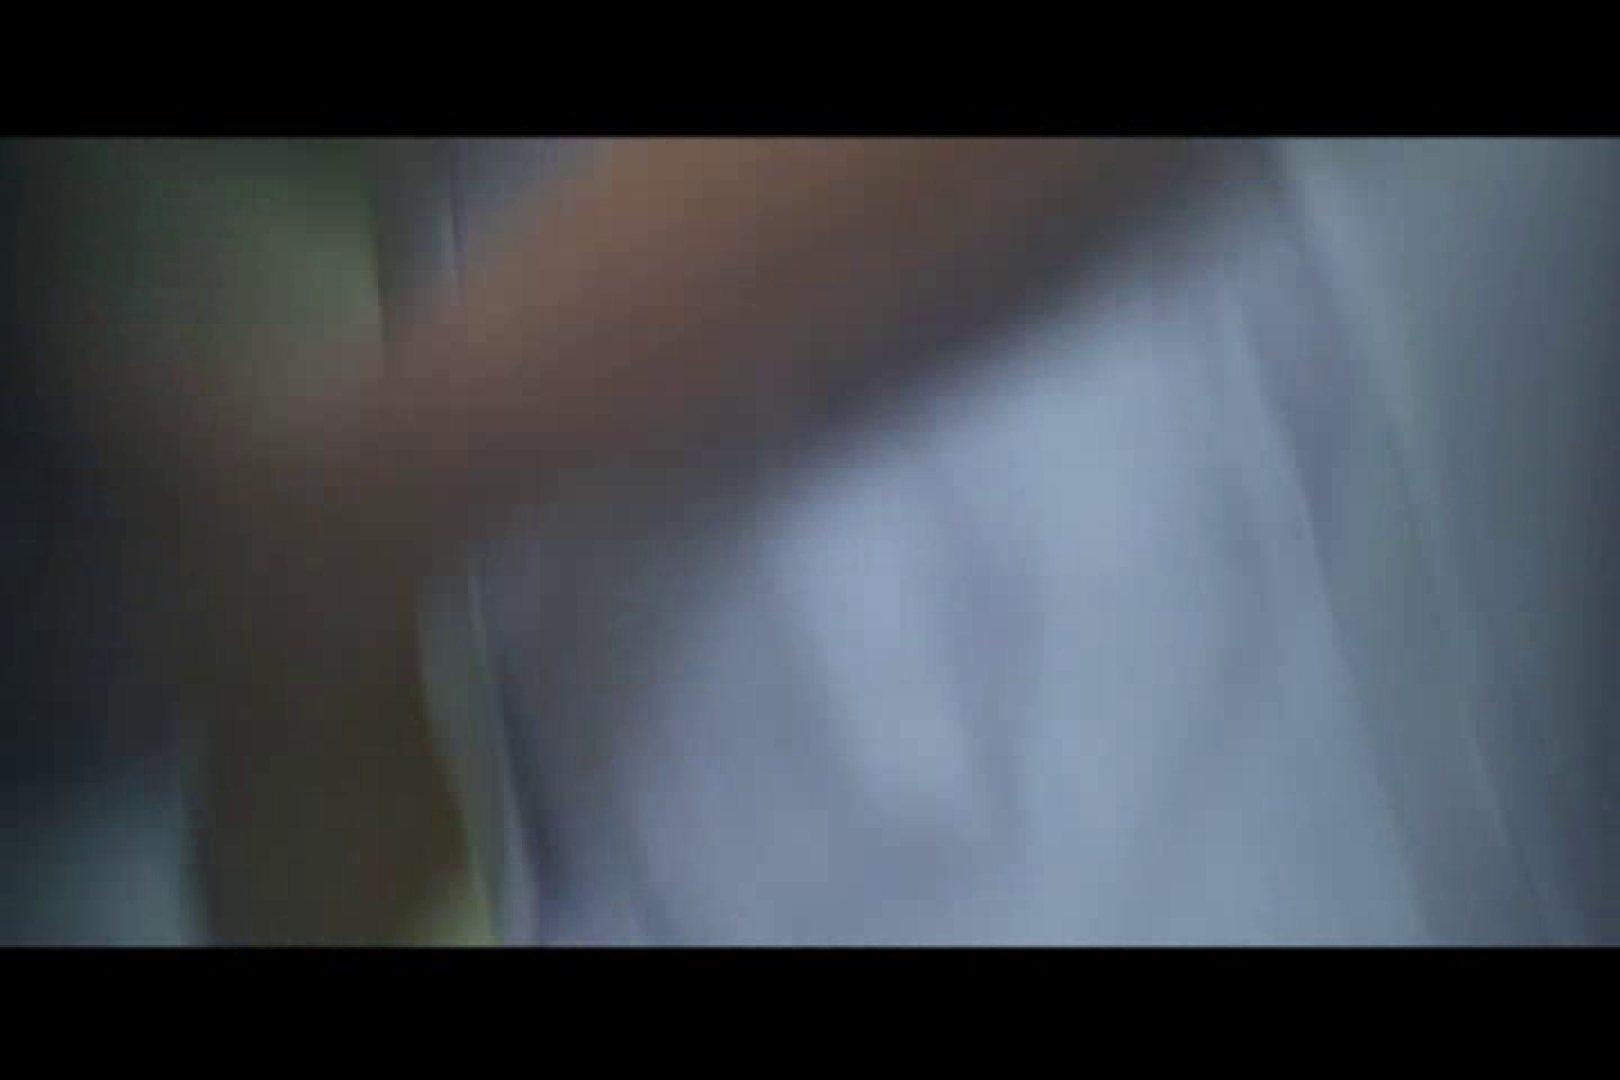 独占配信!無修正! 看護女子寮 vol.10 セックス | パイパン  69枚 29